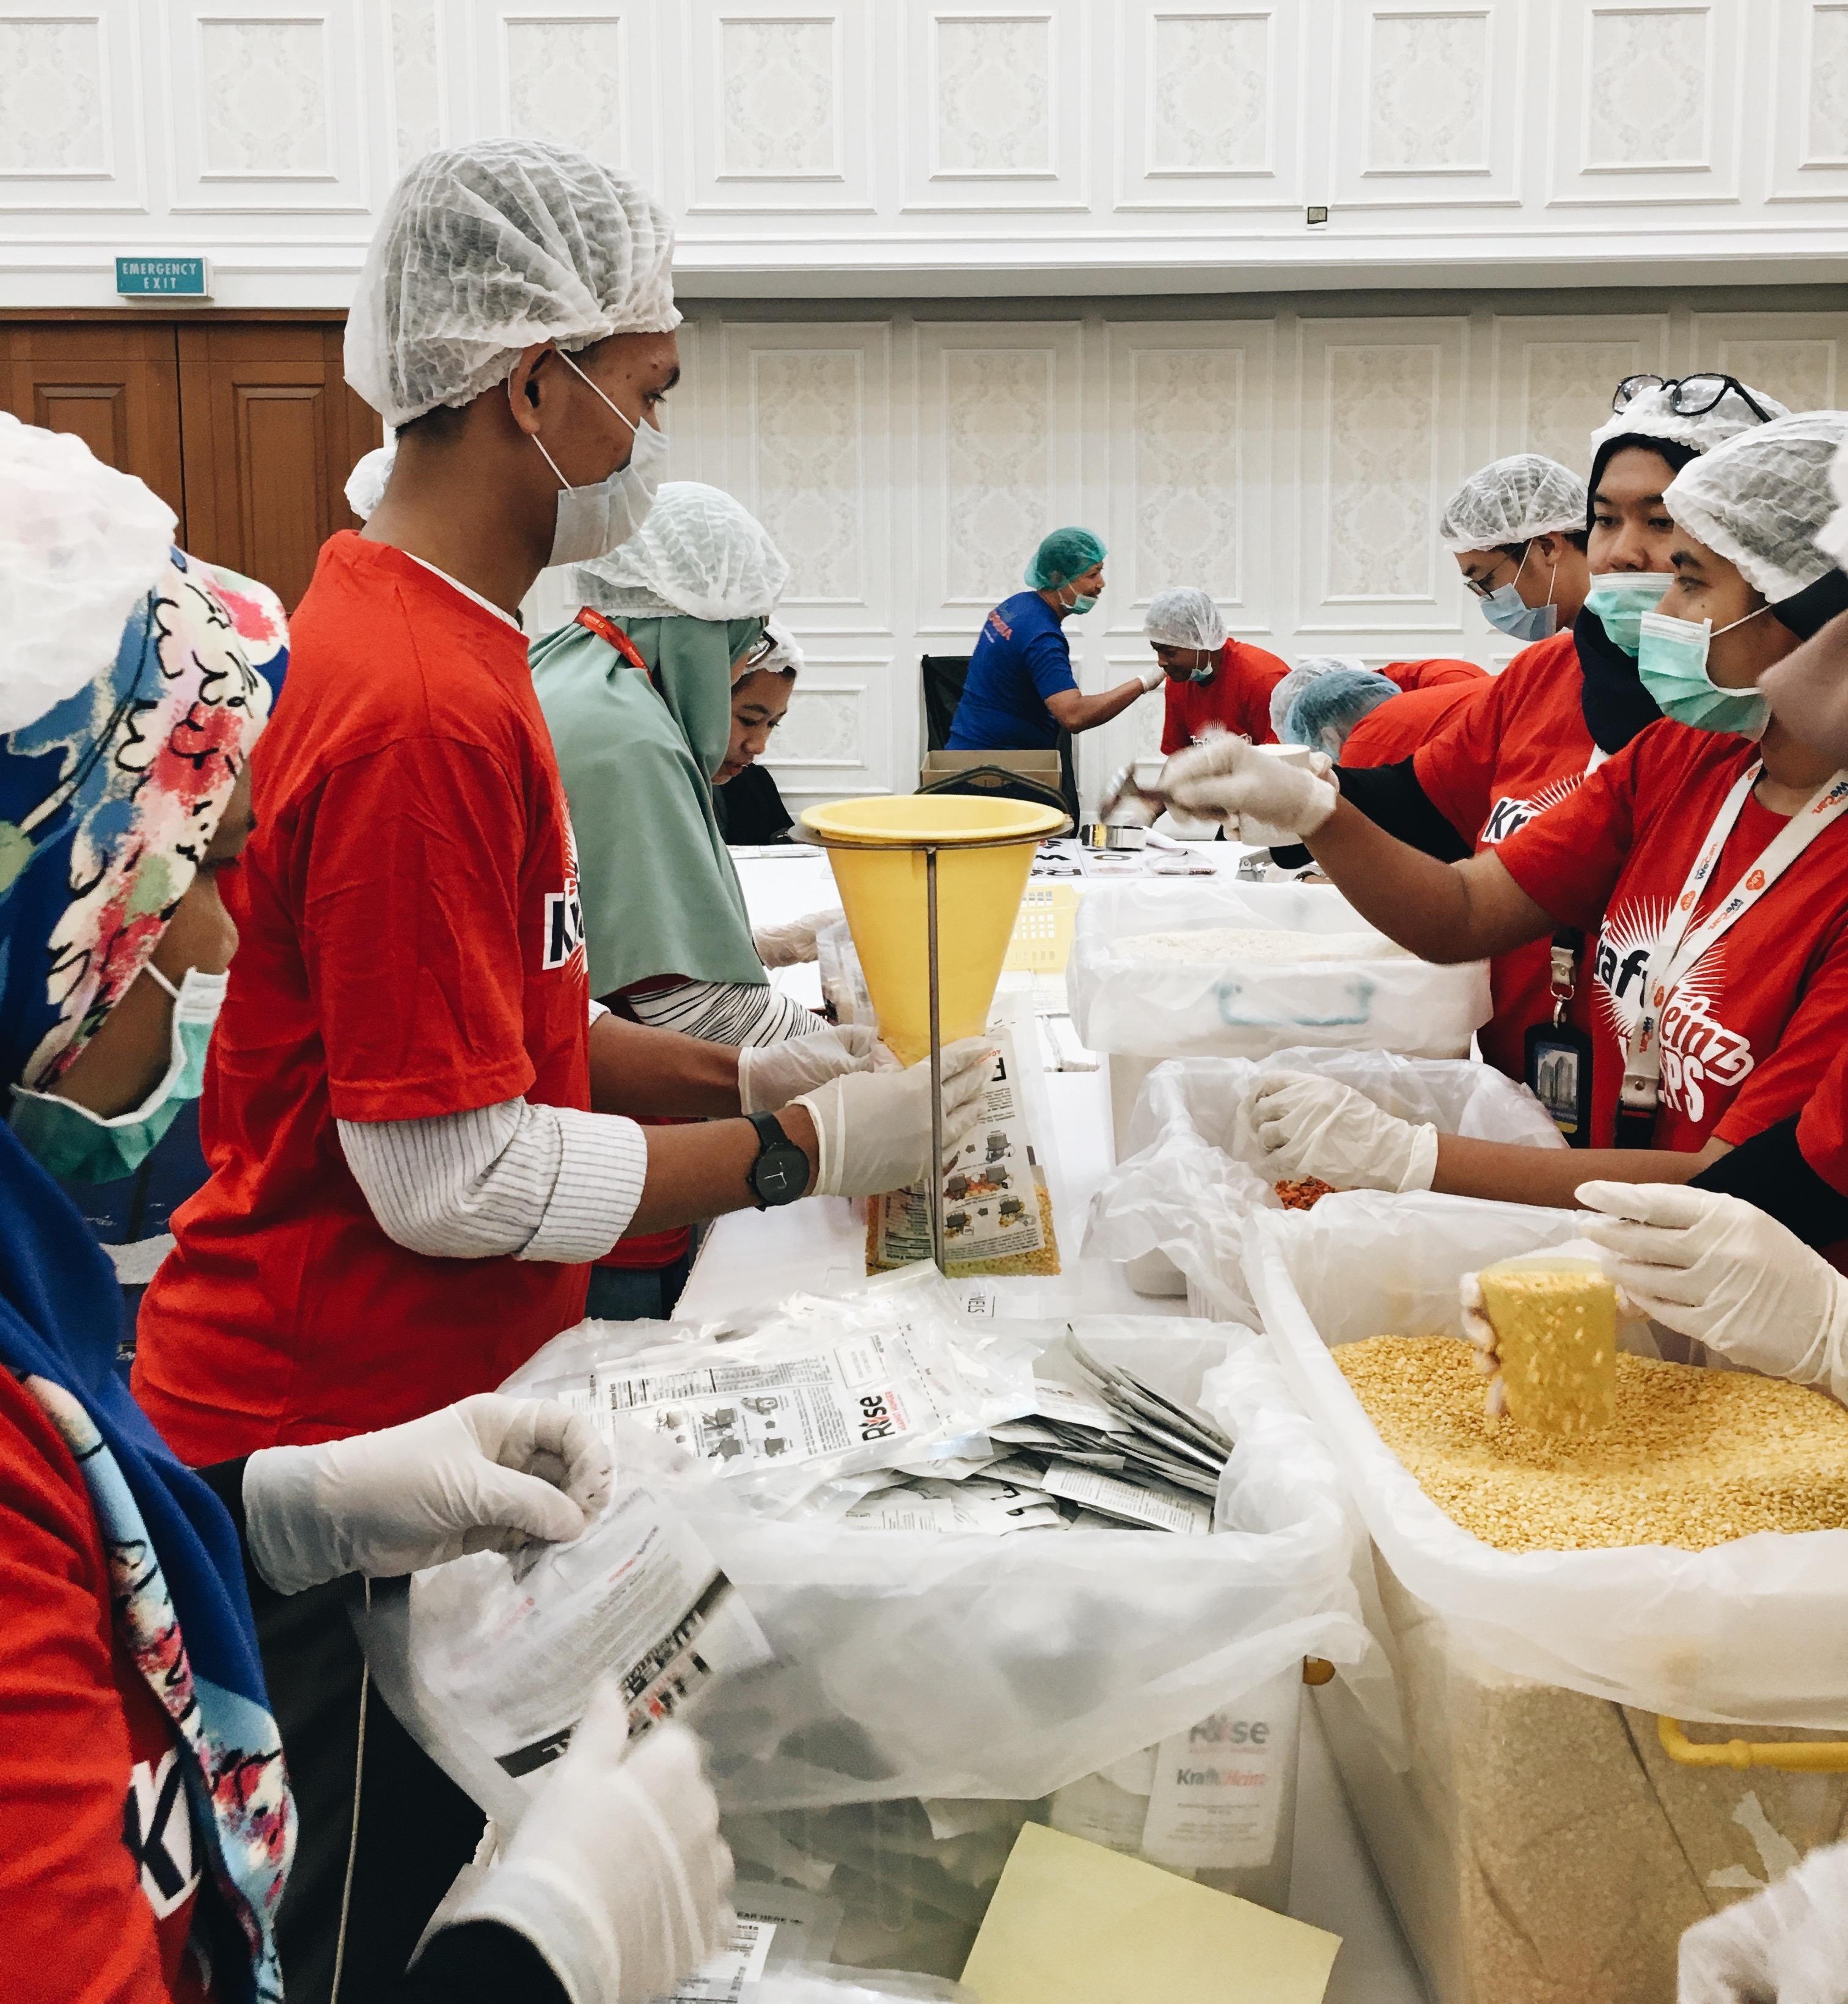 Proses pengepakan makanan bergizi di Menara Mandiri : foto : Asriyati/GNFI